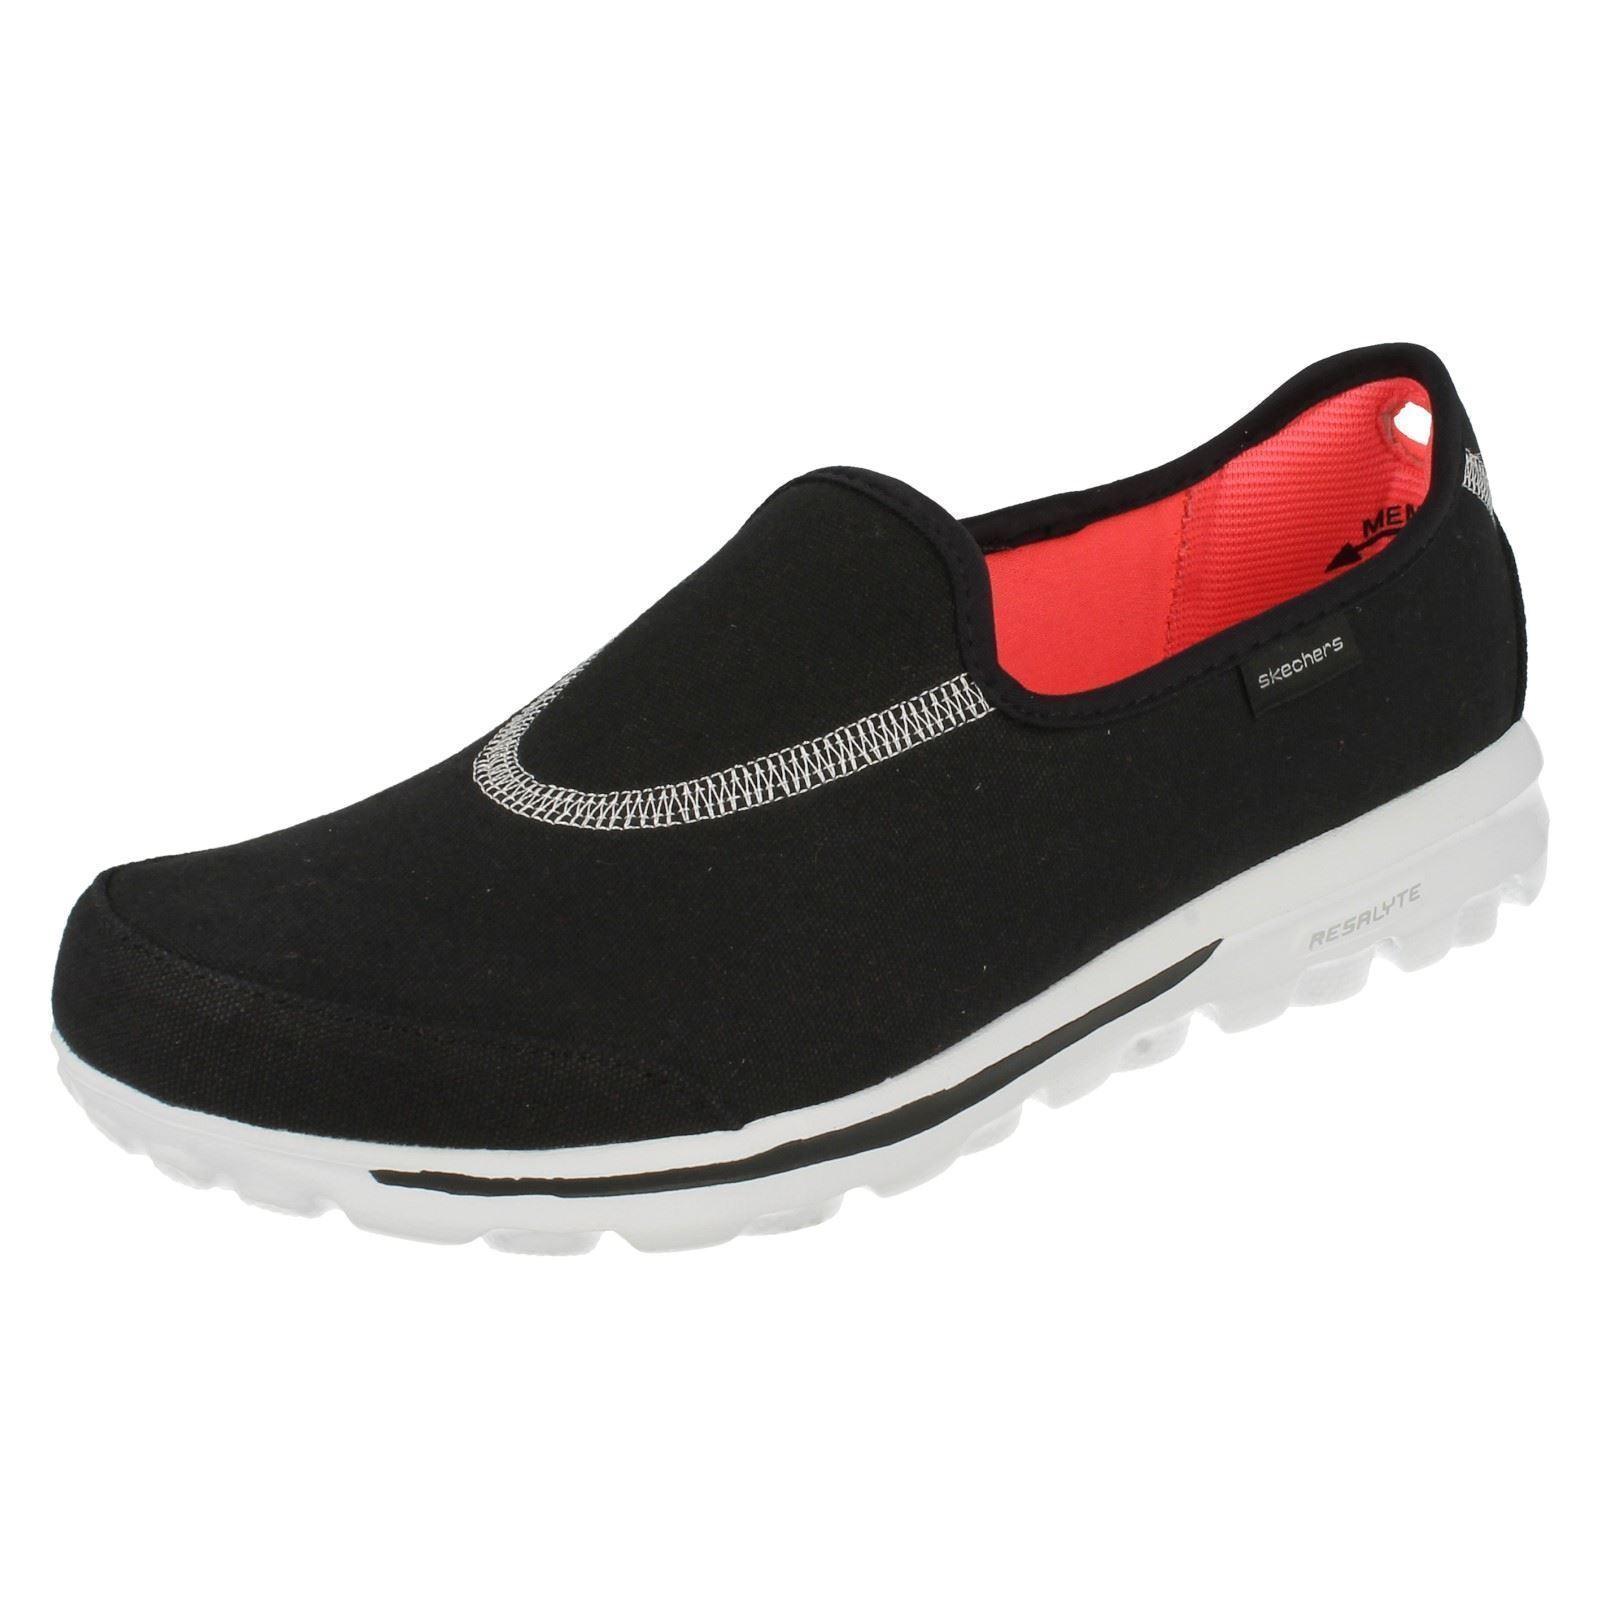 Señoras Skechers textiles Punta rojoonda Slip On Negro Negro Negro formadores caminar ampliar 13771  con 60% de descuento